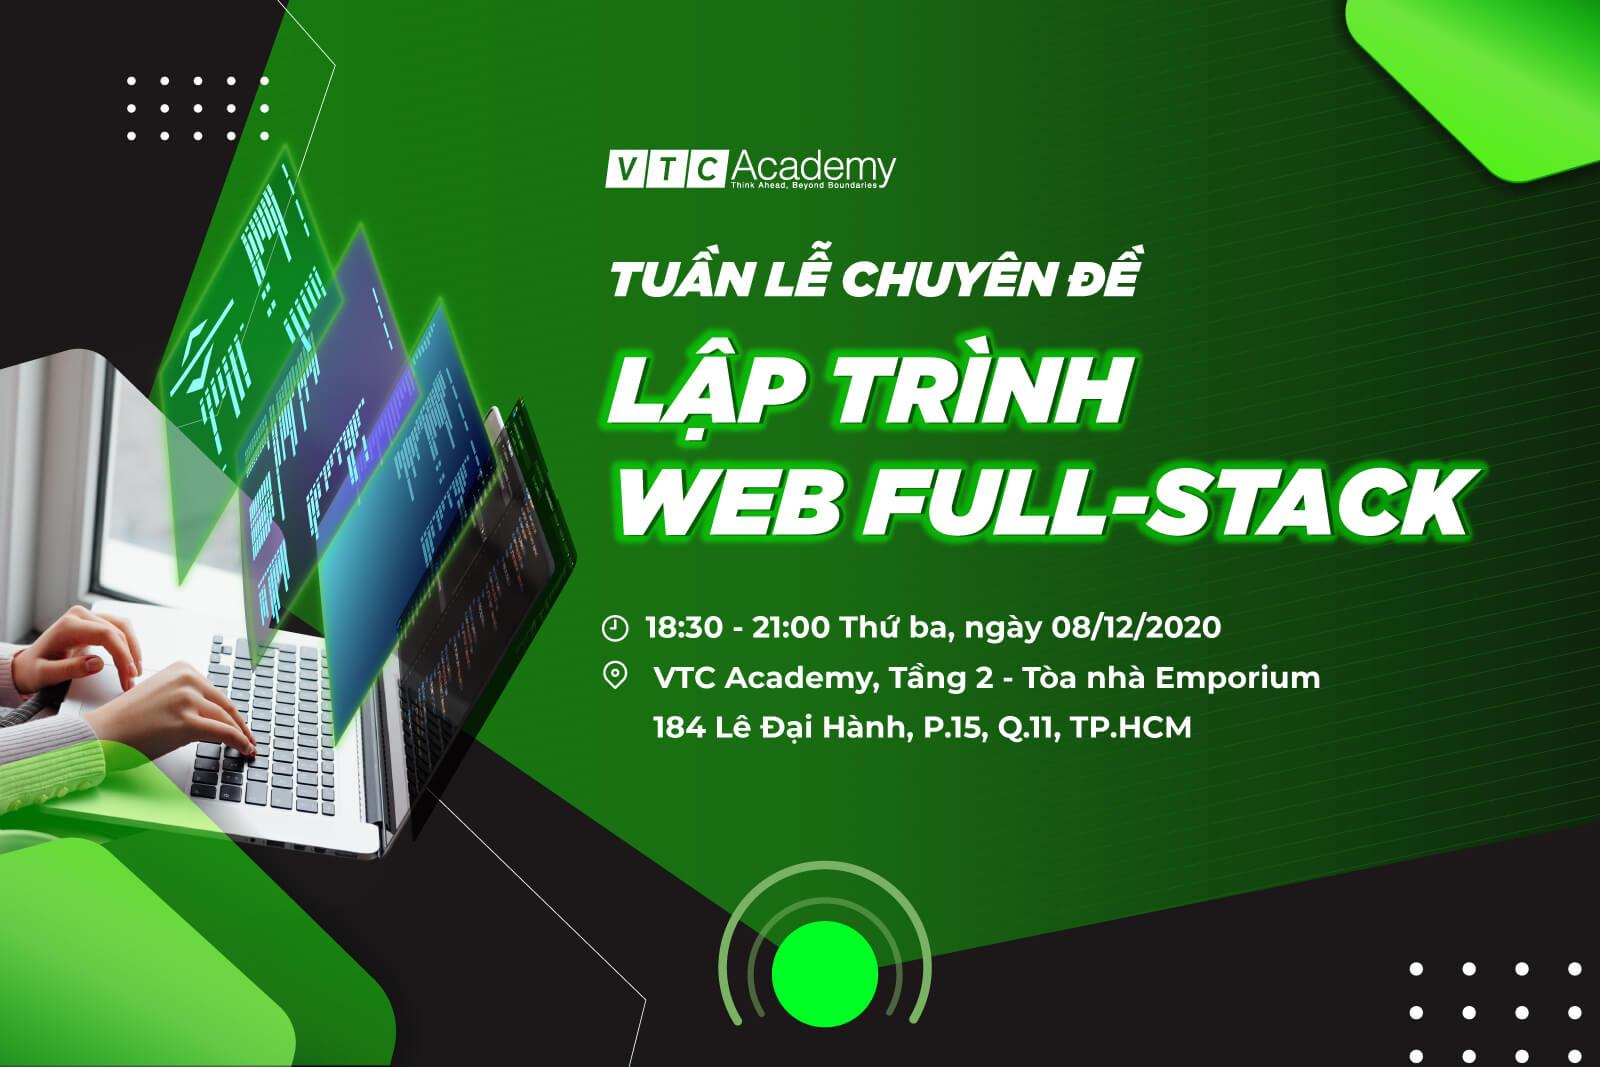 Tuần lễ chuyên đề Lập trình Web Full-stack tại TP.HCM